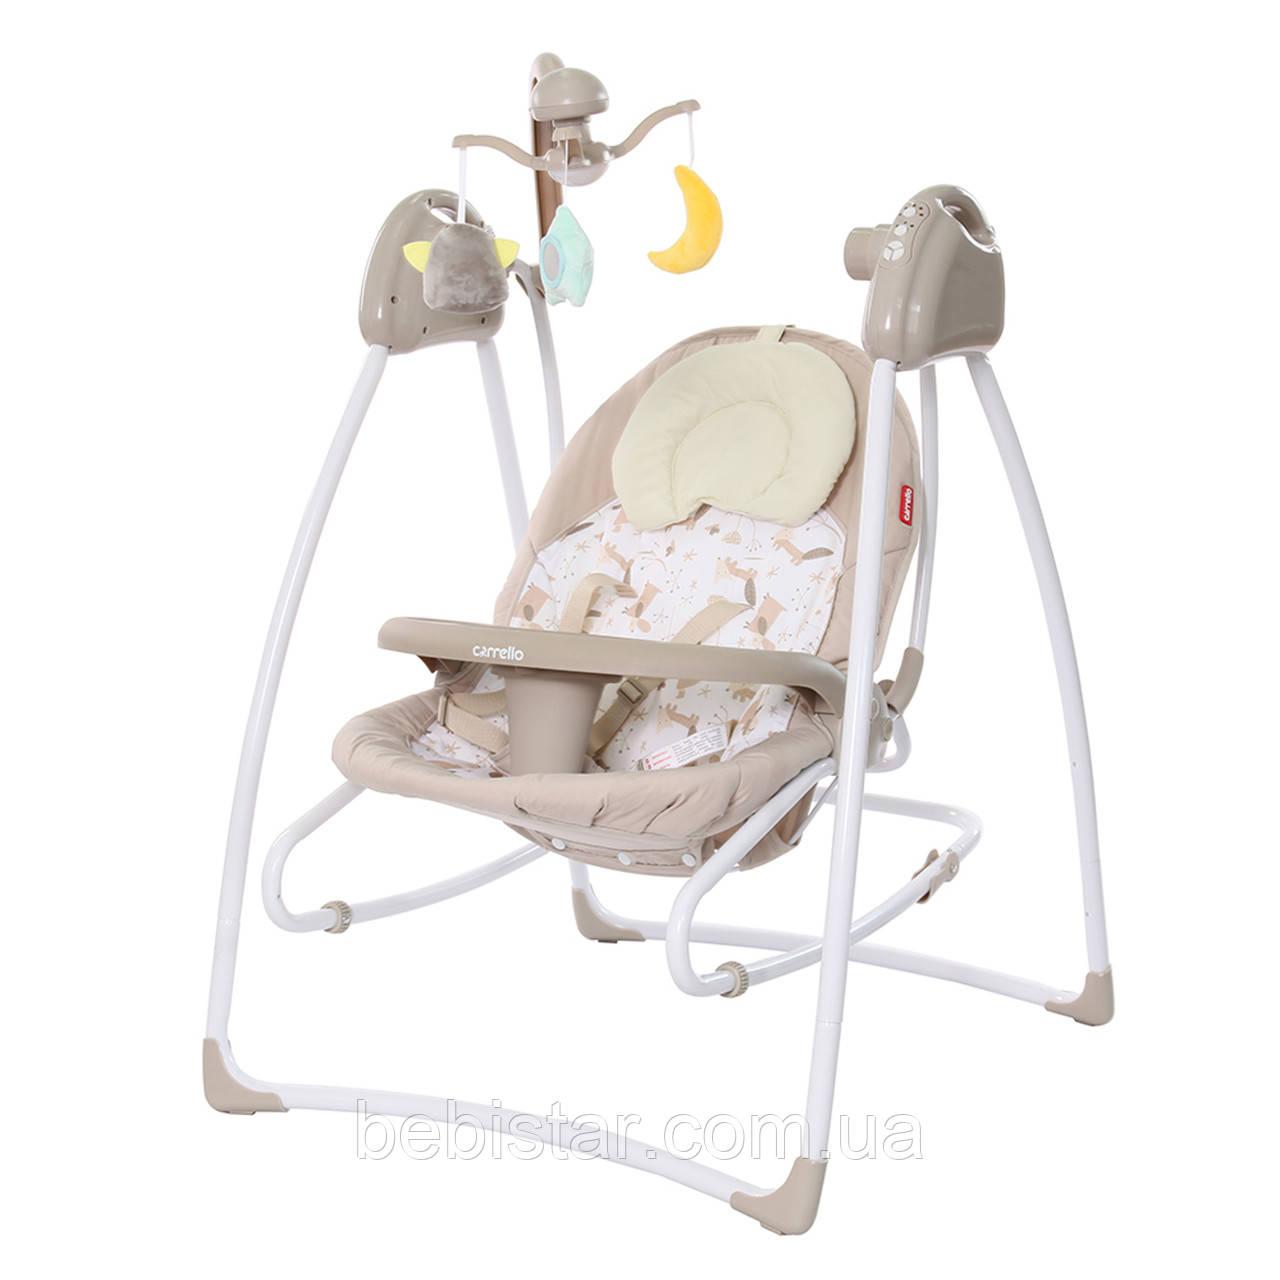 Кресло-качалка 3 в 1 бежевая питание от сети и батареек CARRELLO Grazia CRL-7502 Fall Beige